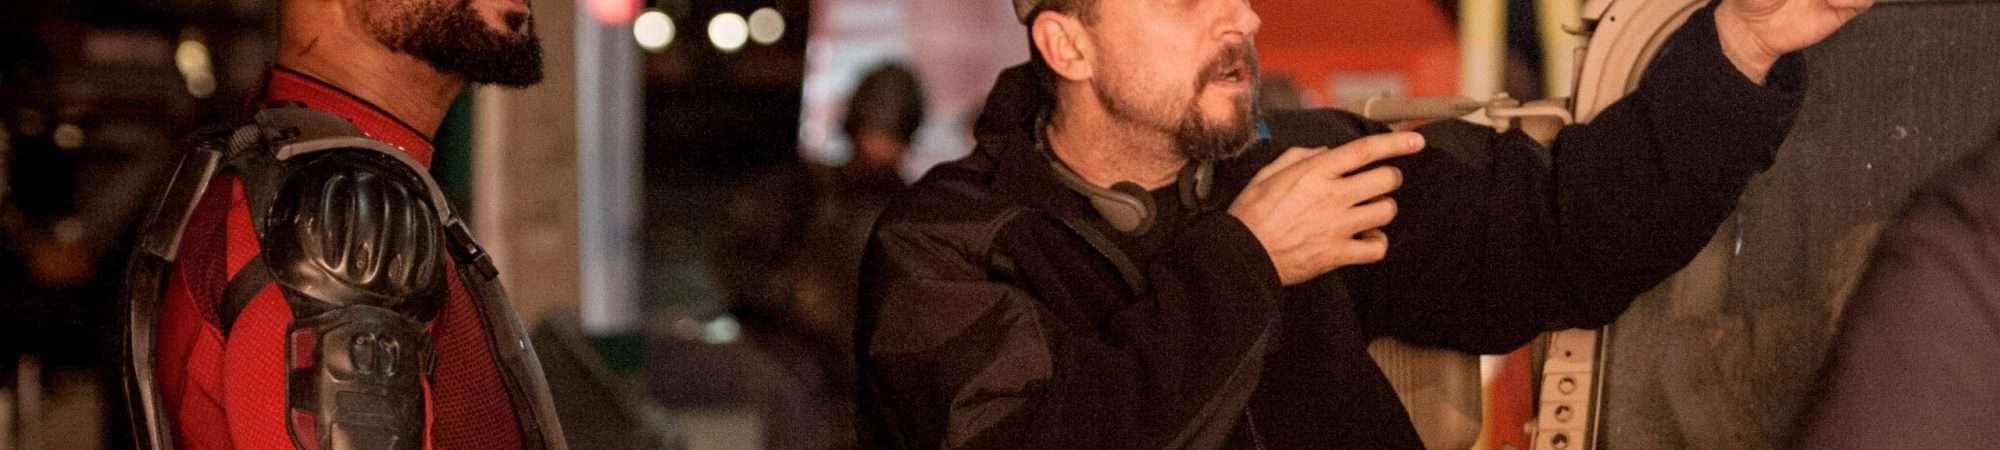 Imagem de bastidores mostra Will Smith ao lado de David Ayer, que parece dar instruções sobre cena em set de 'Esquadrão Suicida'